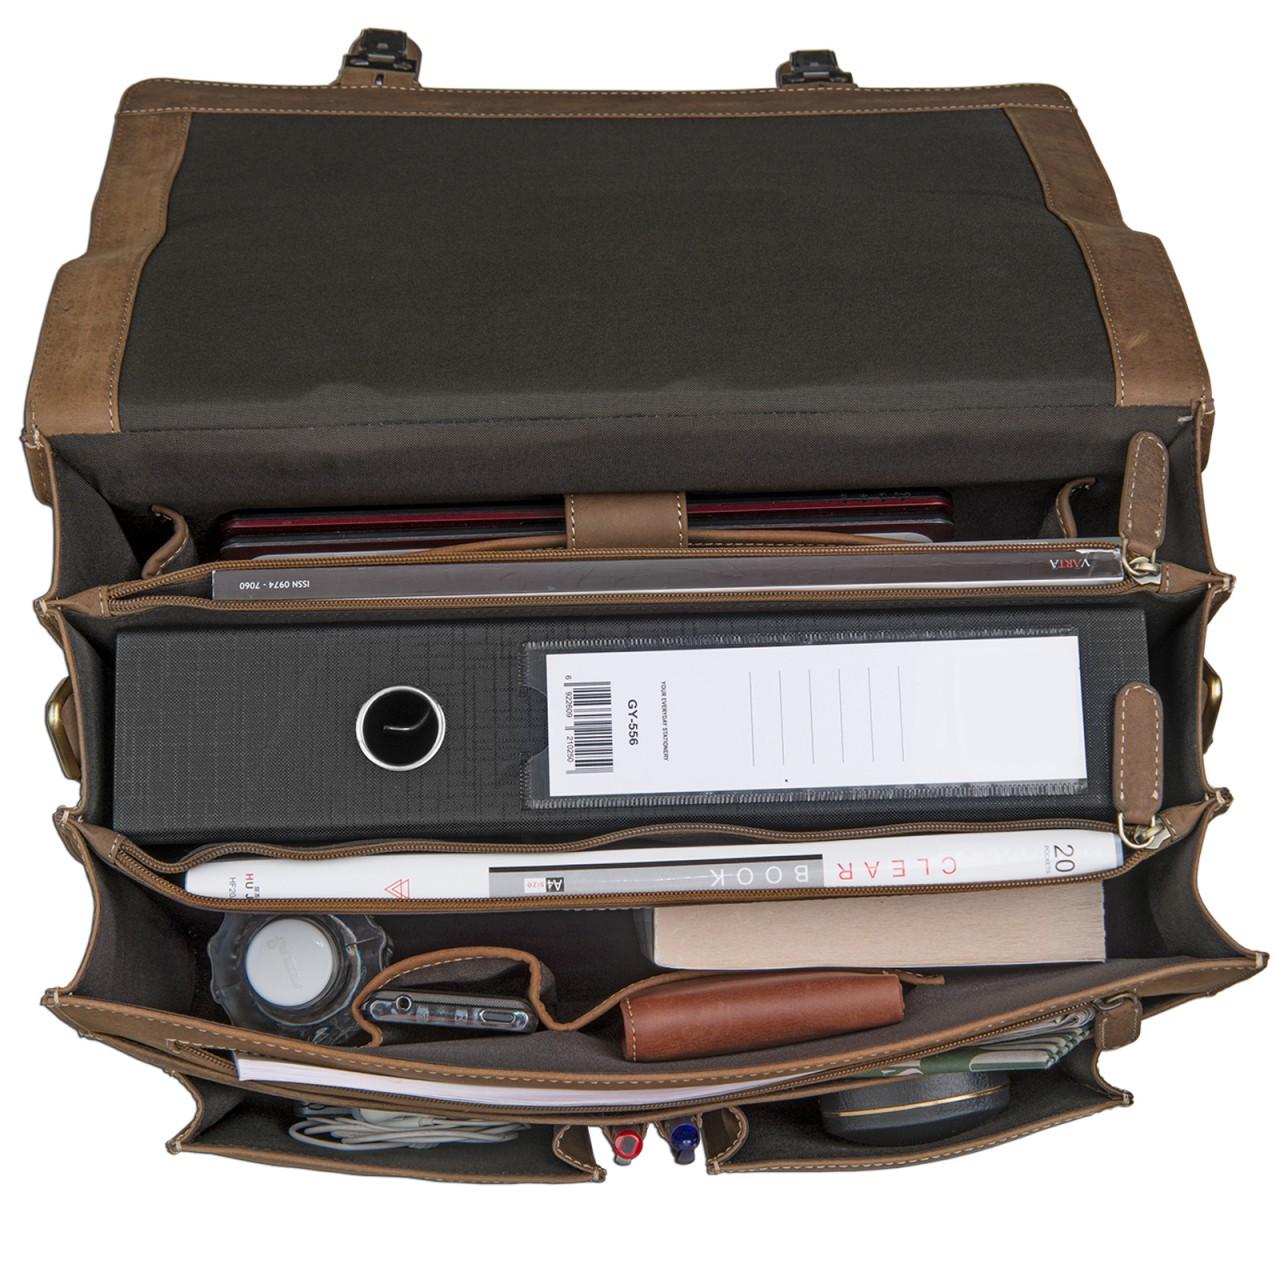 STILORD Aktentasche extra groß und robust Bürotasche Lehrertasche Businesstasche Umhängetasche echtes Rinds Leder Braun - Bild 4